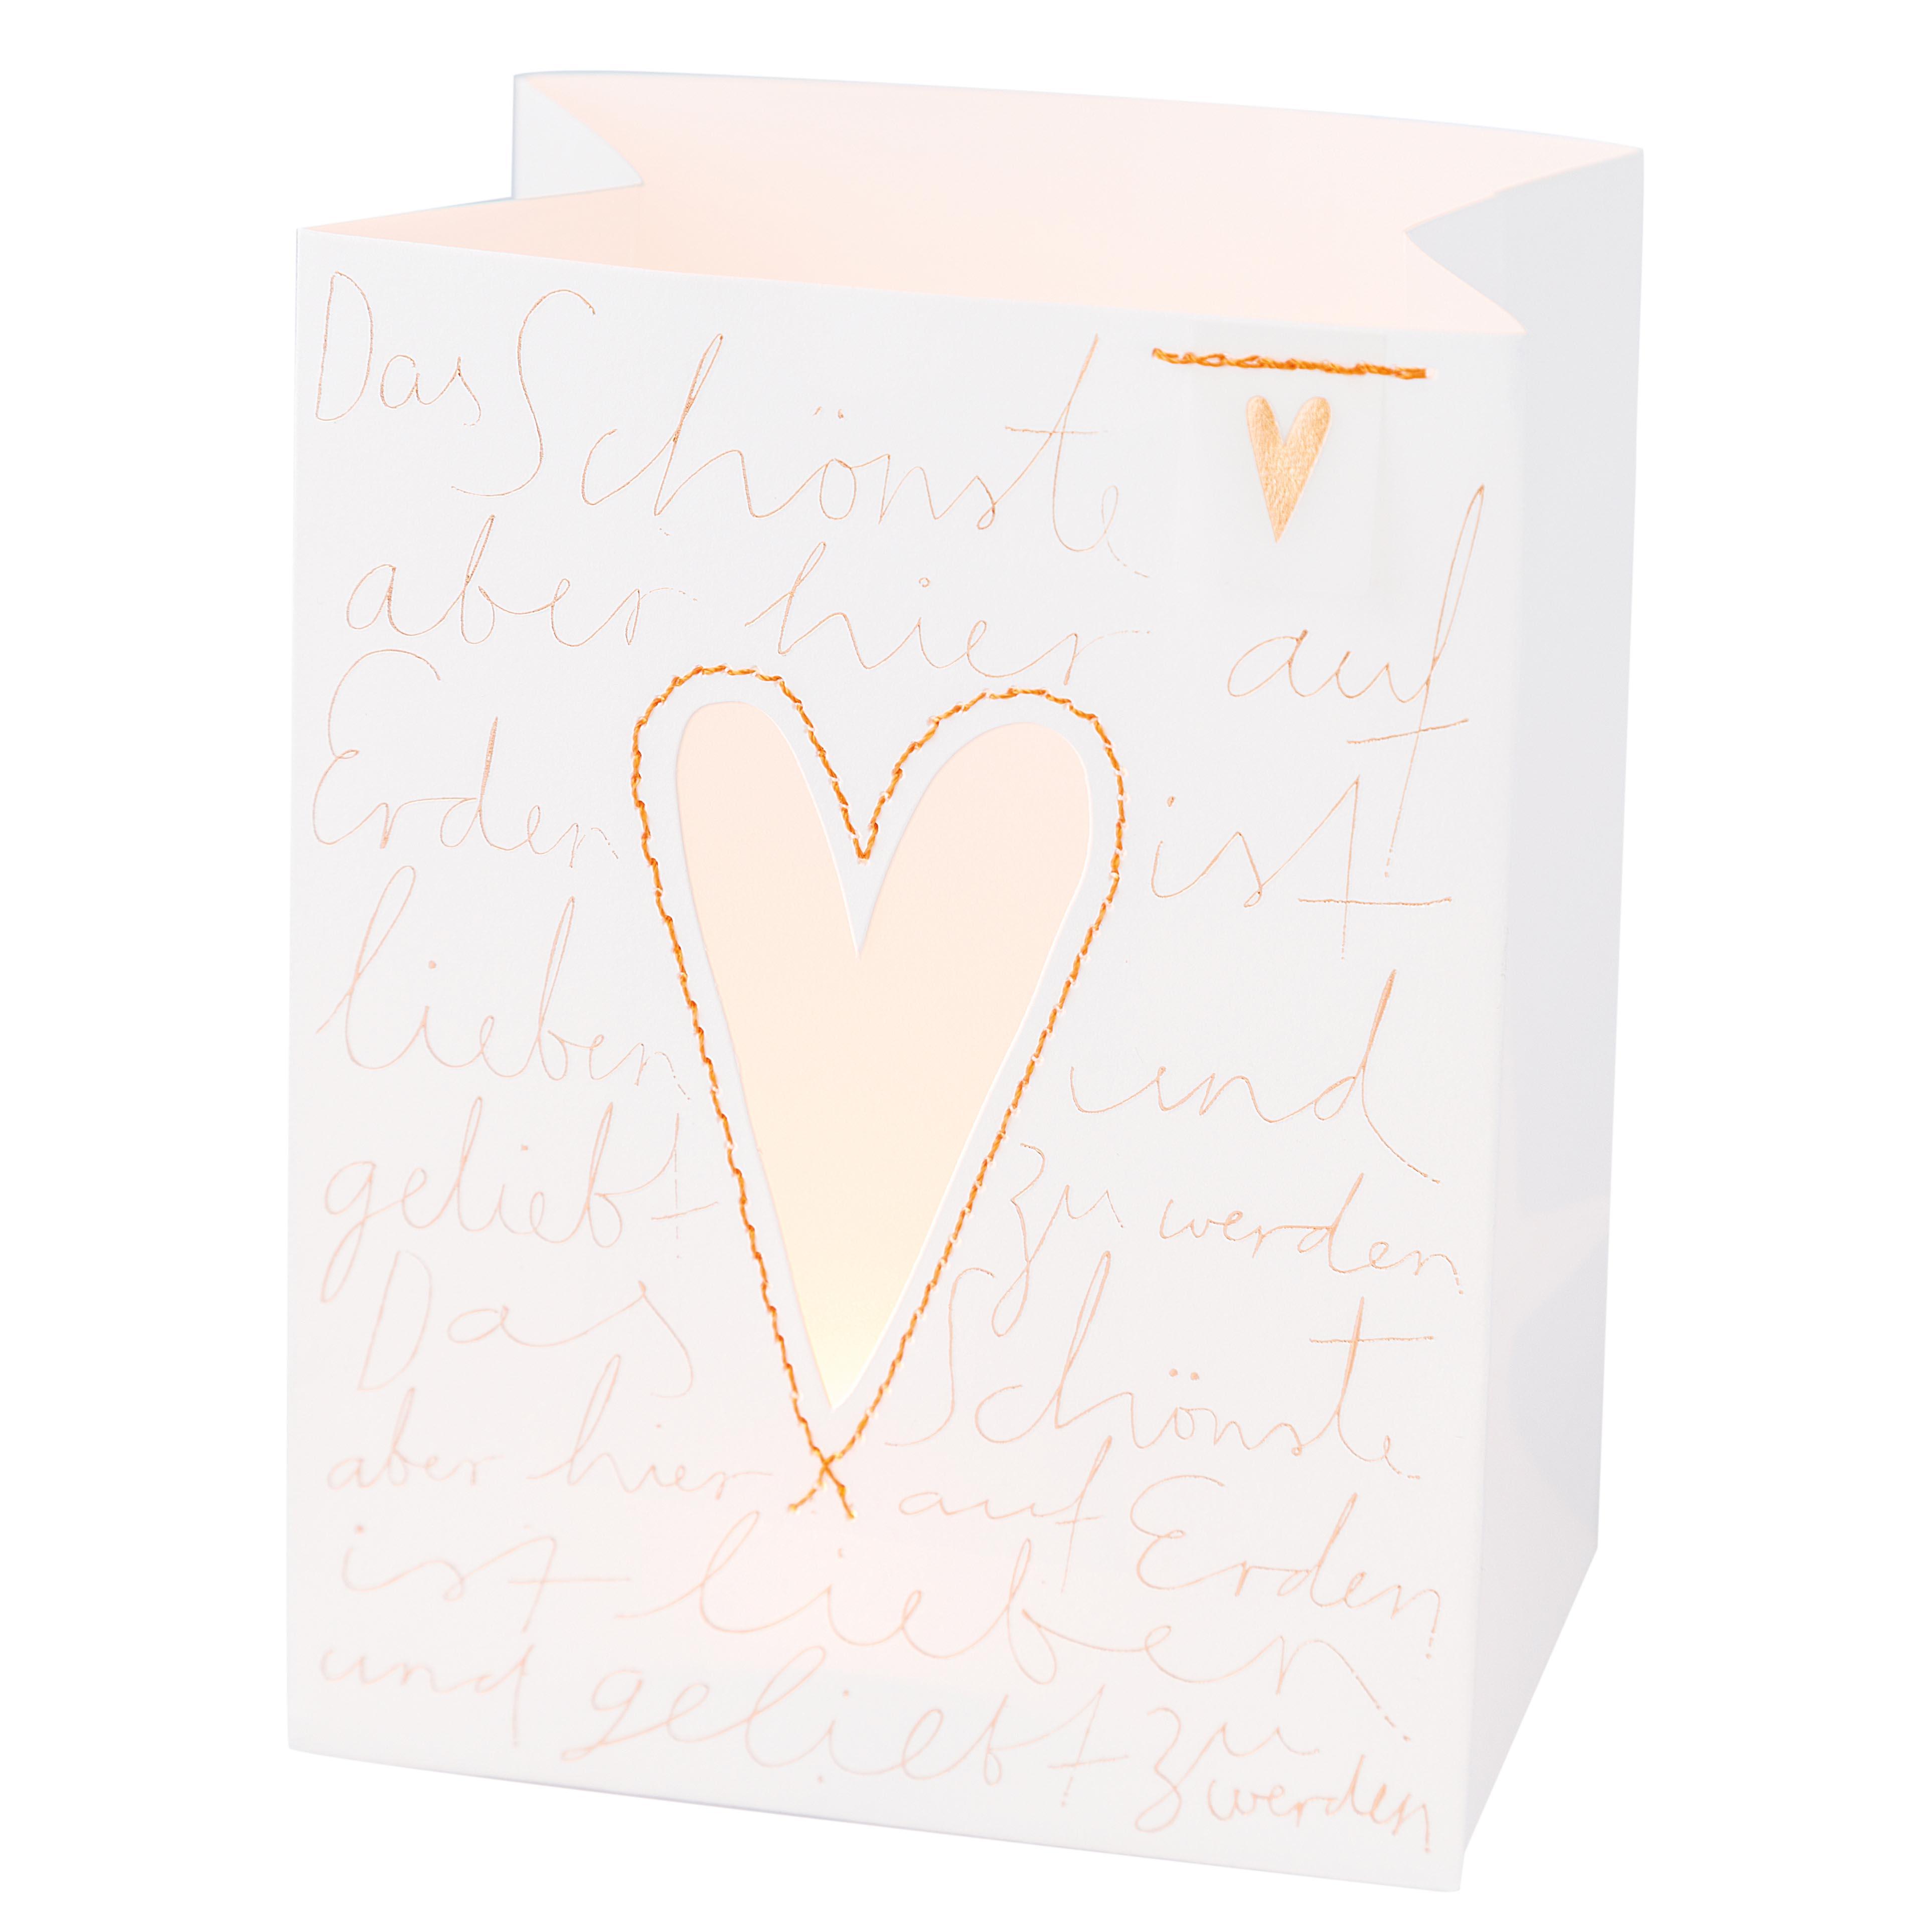 Lichttüte - Eine Tüte ... Liebe - räder